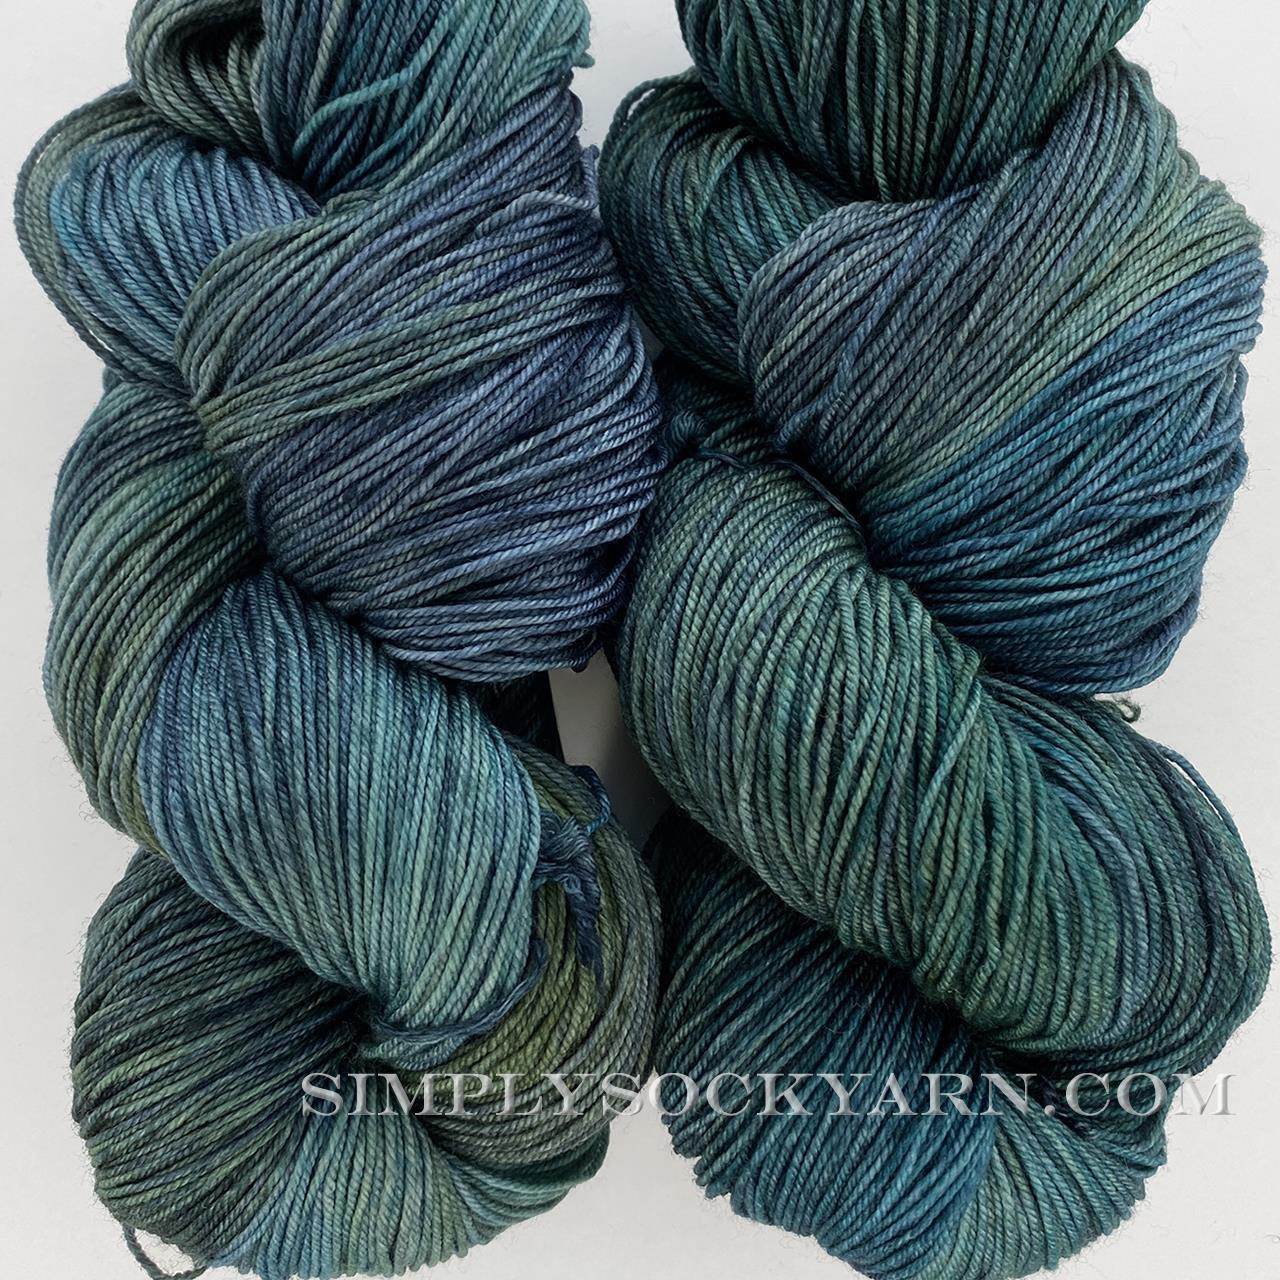 Malabrigo Sock 855 Aguas -